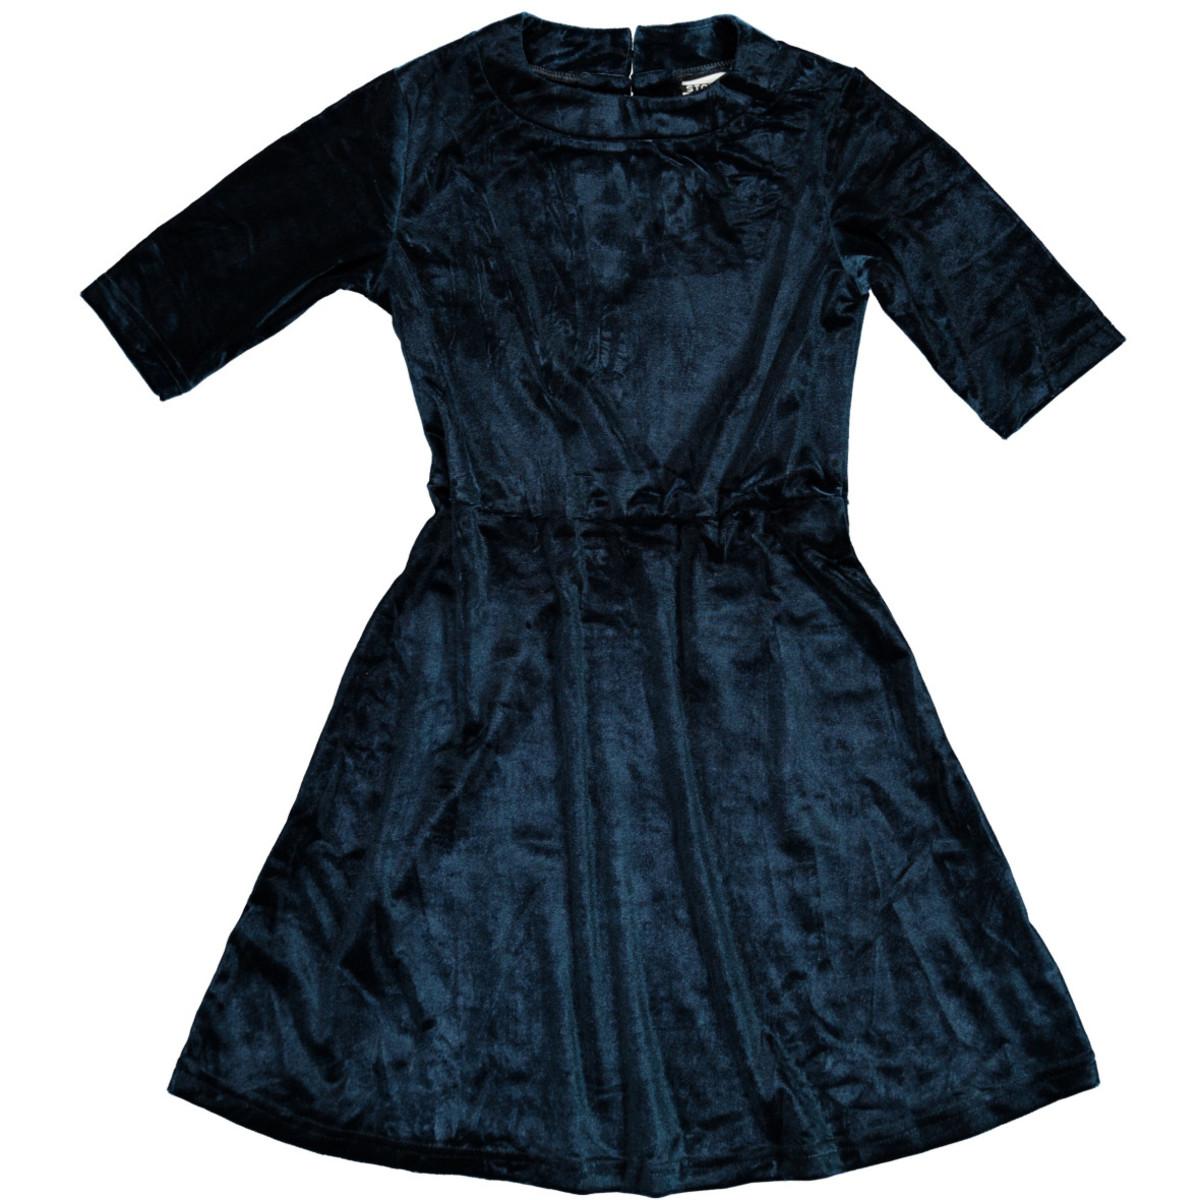 Bild 1 von Mädchen Kleid in weichem Samt